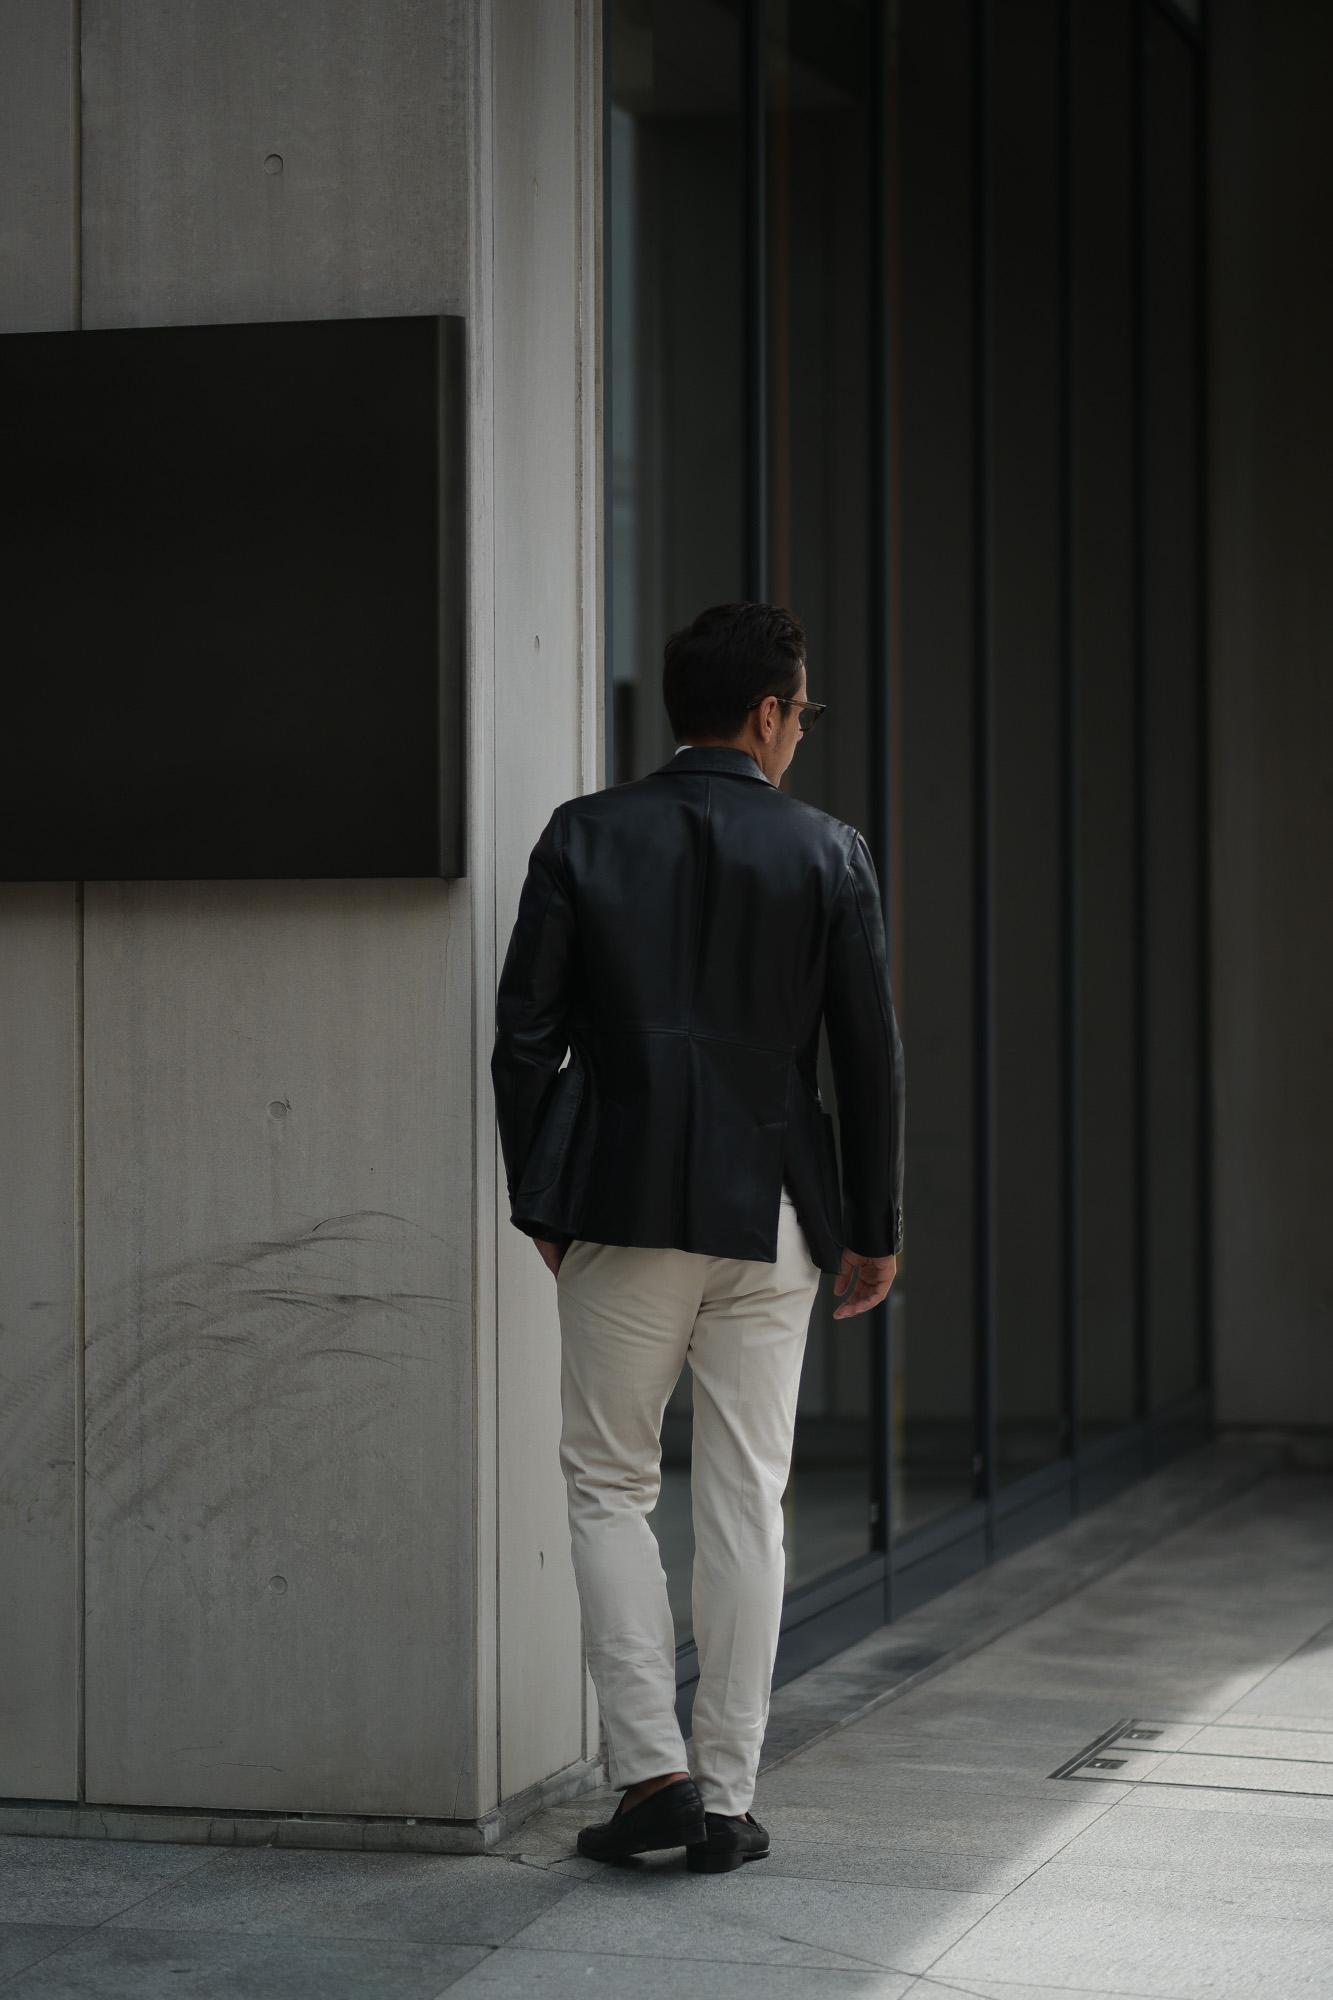 CINQUANTA (チンクアンタ) H613 SINGLE TAILORED JACKET CAVALLO (シングル テーラード ジャケット) ホースレザー ジャケット BLACK (ブラック・999) Made in italy (イタリア製) 2018 秋冬 【ご予約受付中】 cinquanta チンクアンタ レザージャケット ジャケット 愛知 名古屋 Alto e Diritto アルト エ デリット